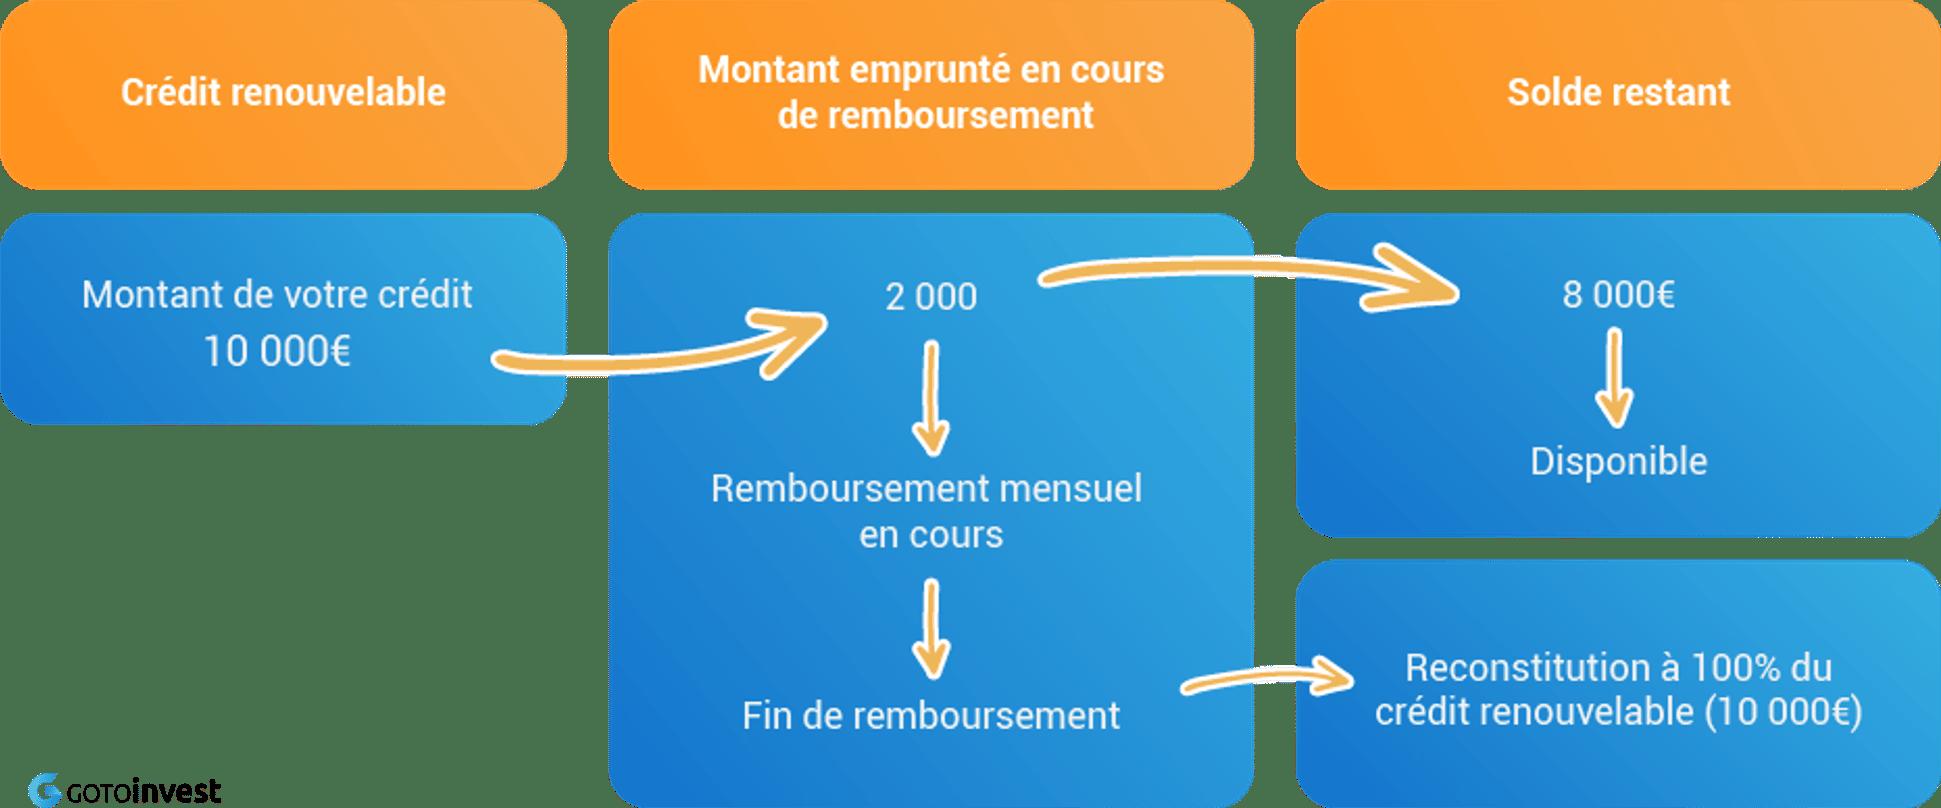 Image présentant le fonctionnement du crédit renouvelable